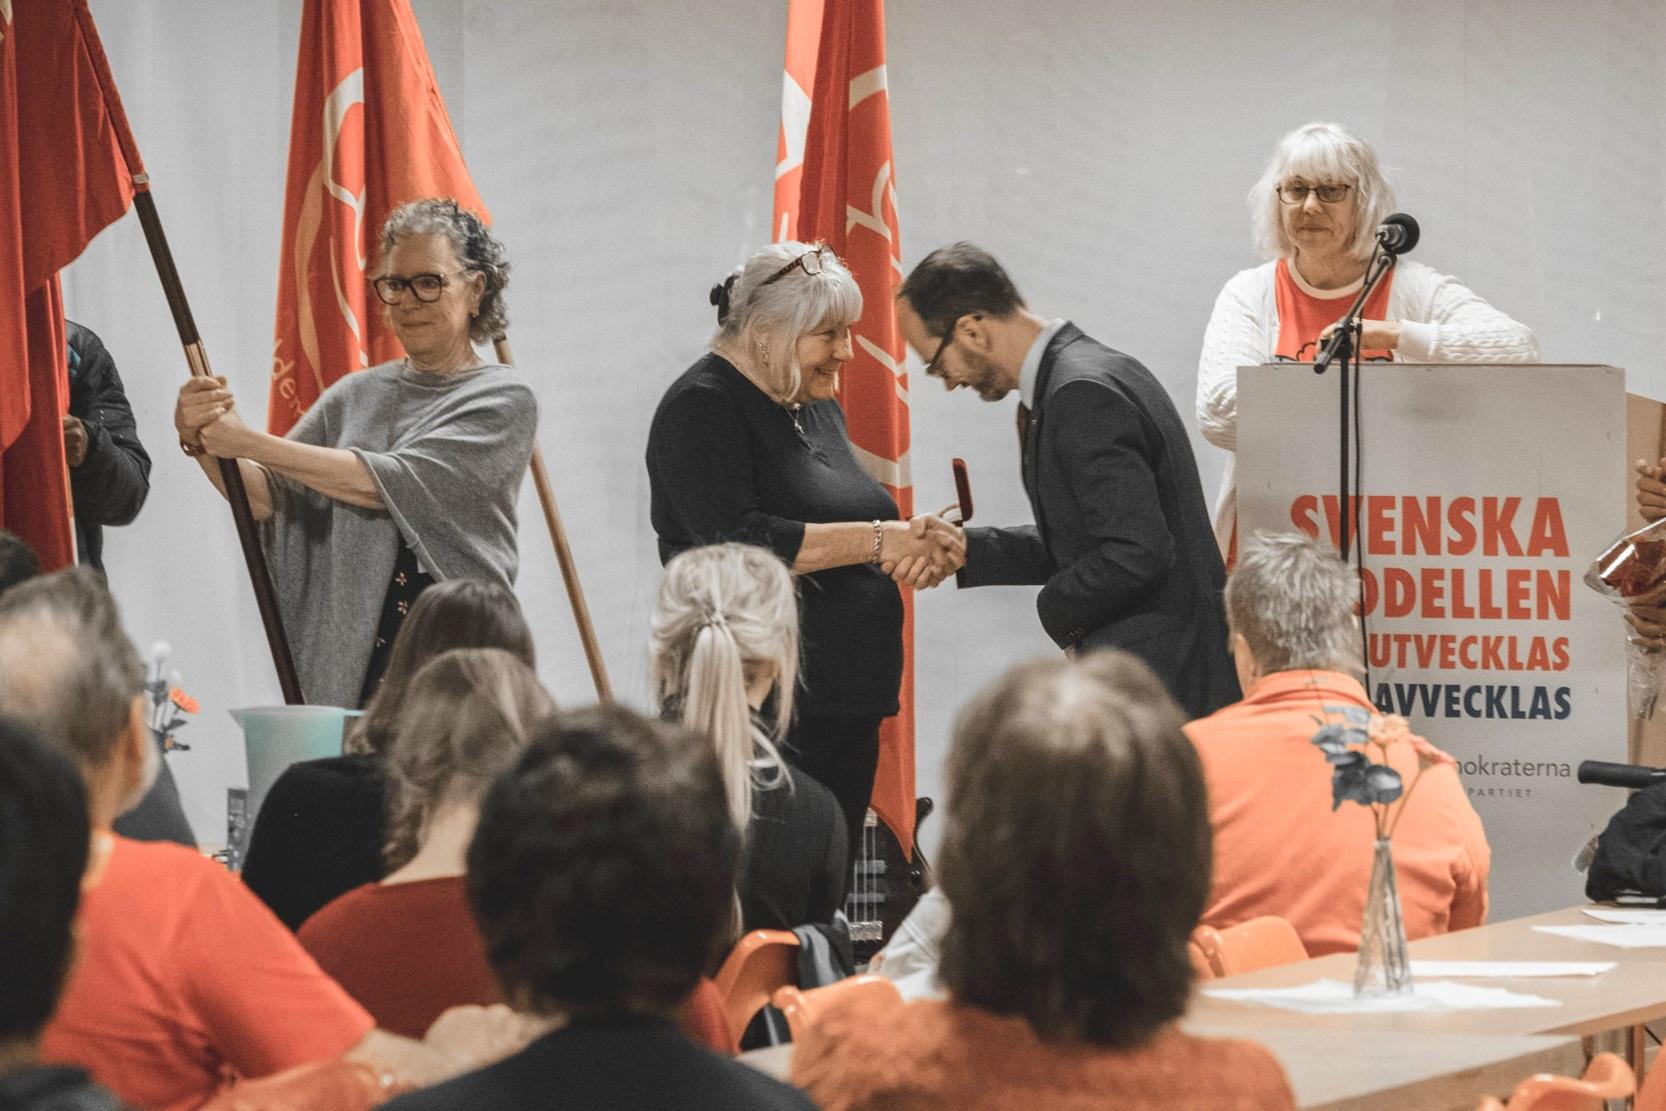 Ann-Britt Wikman tilldelas Brantingpriset för sitt cirka trettio år långa engagemang i arbetarrörelsen.